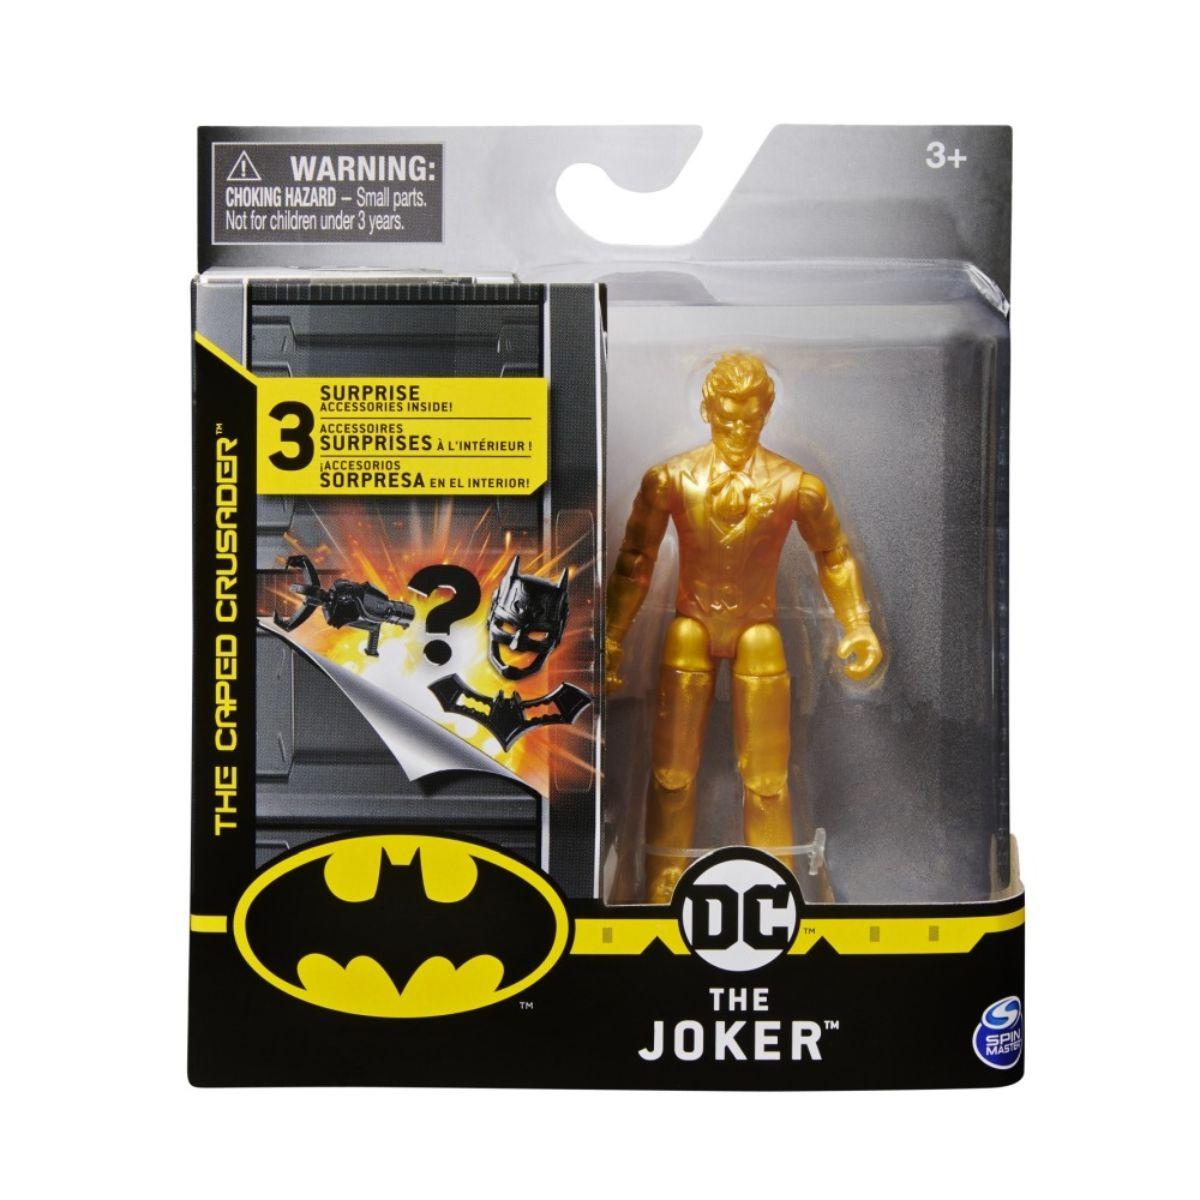 Set Figurina cu accesorii surpriza Batman, The Joker, 20125783